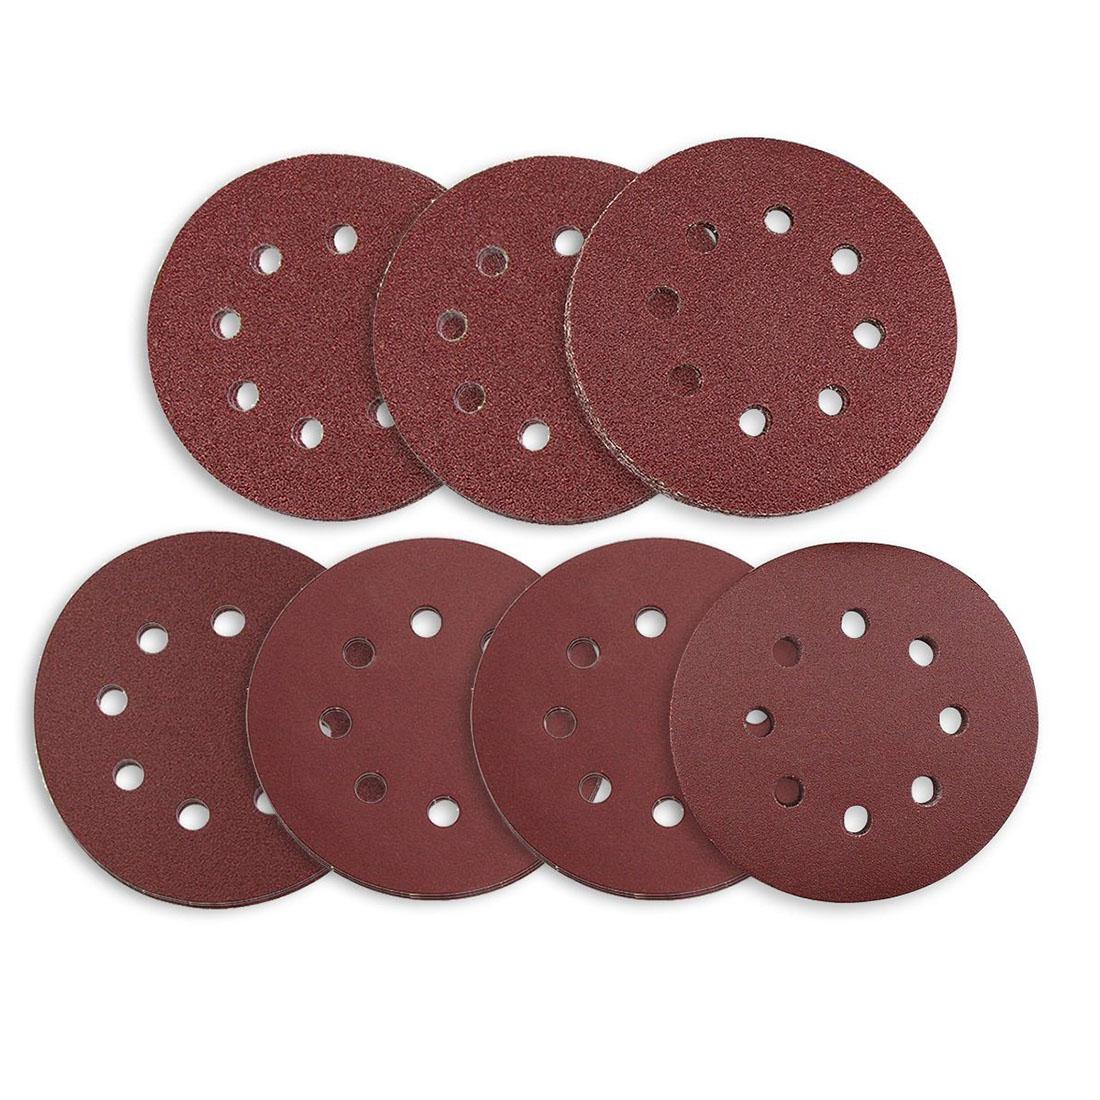 Discos de lijado 70 Uds 8 agujeros 5 pulgadas lija Circular sin polvo gancho y bucle 60/ 80/ 120/ 180/ 240/ 320/ 400 Grit surtido f